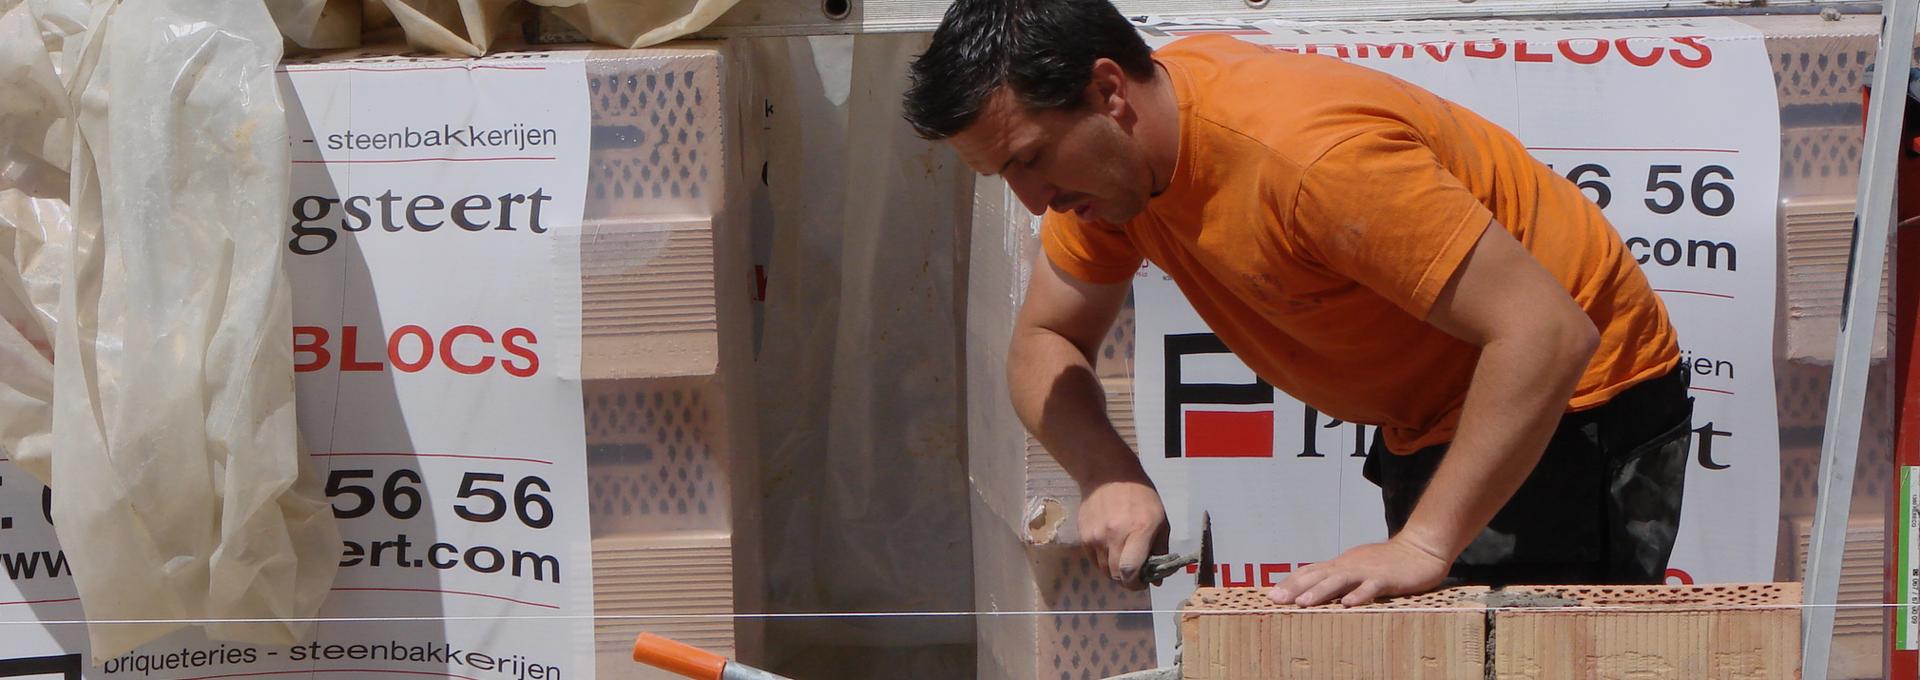 Construction-pavement-maçonnerie-béton lissé-klinkers-Sébastien Clavie au travail : maçonnerie d'un mur .